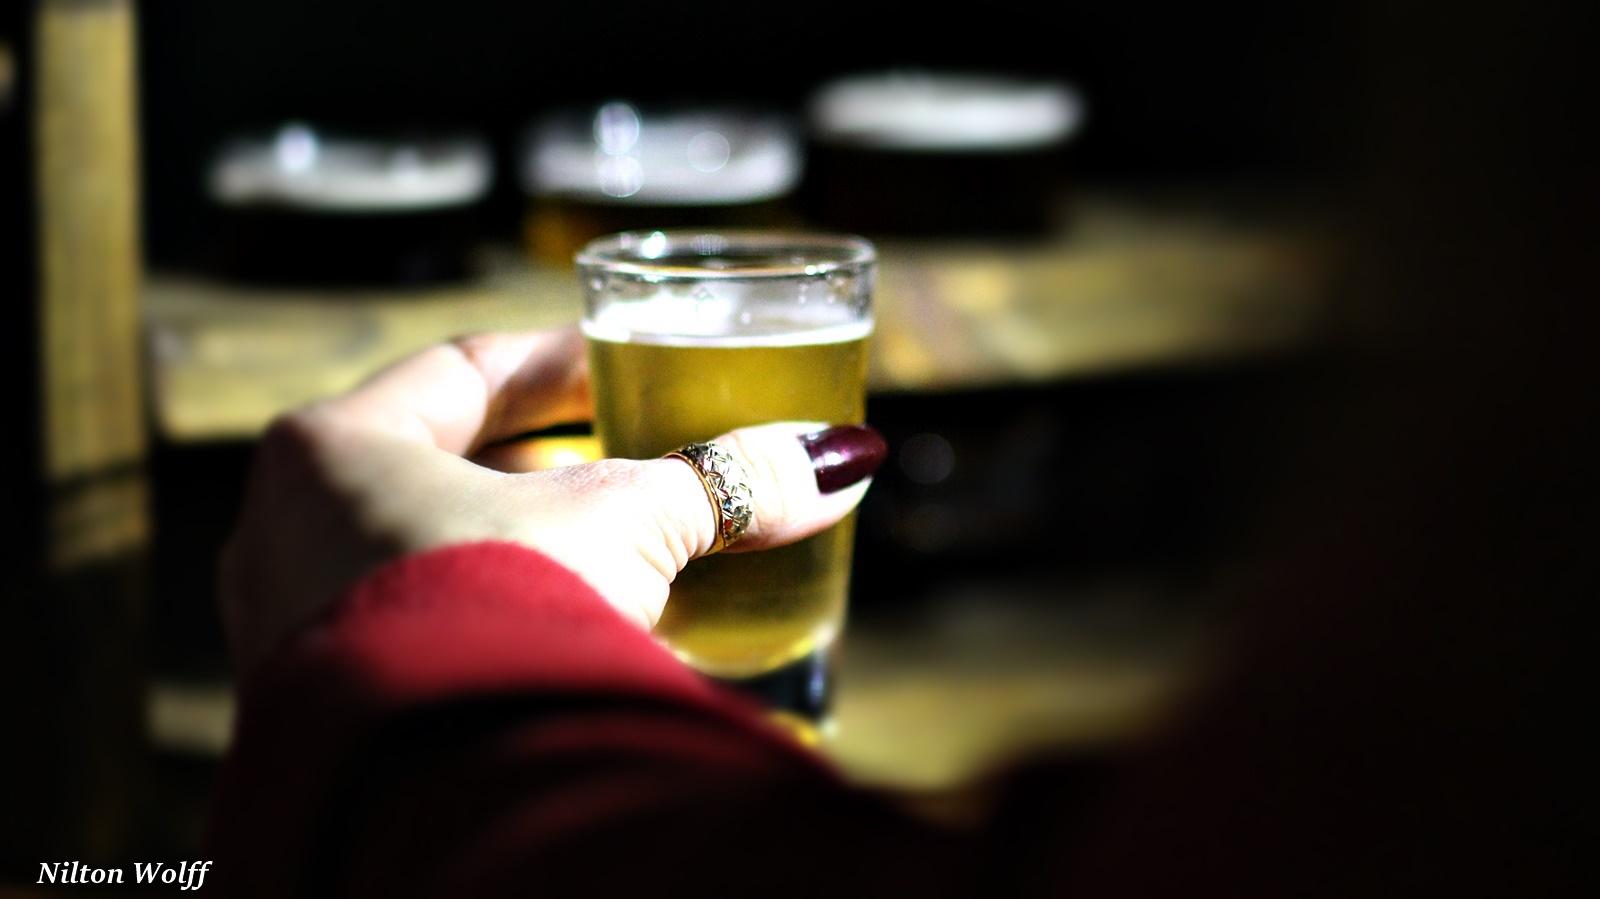 Galeria 23 - Notícia Lages Turismo Bus Bier: Conhecendo a Rota da Cerveja na Serra Catarinense